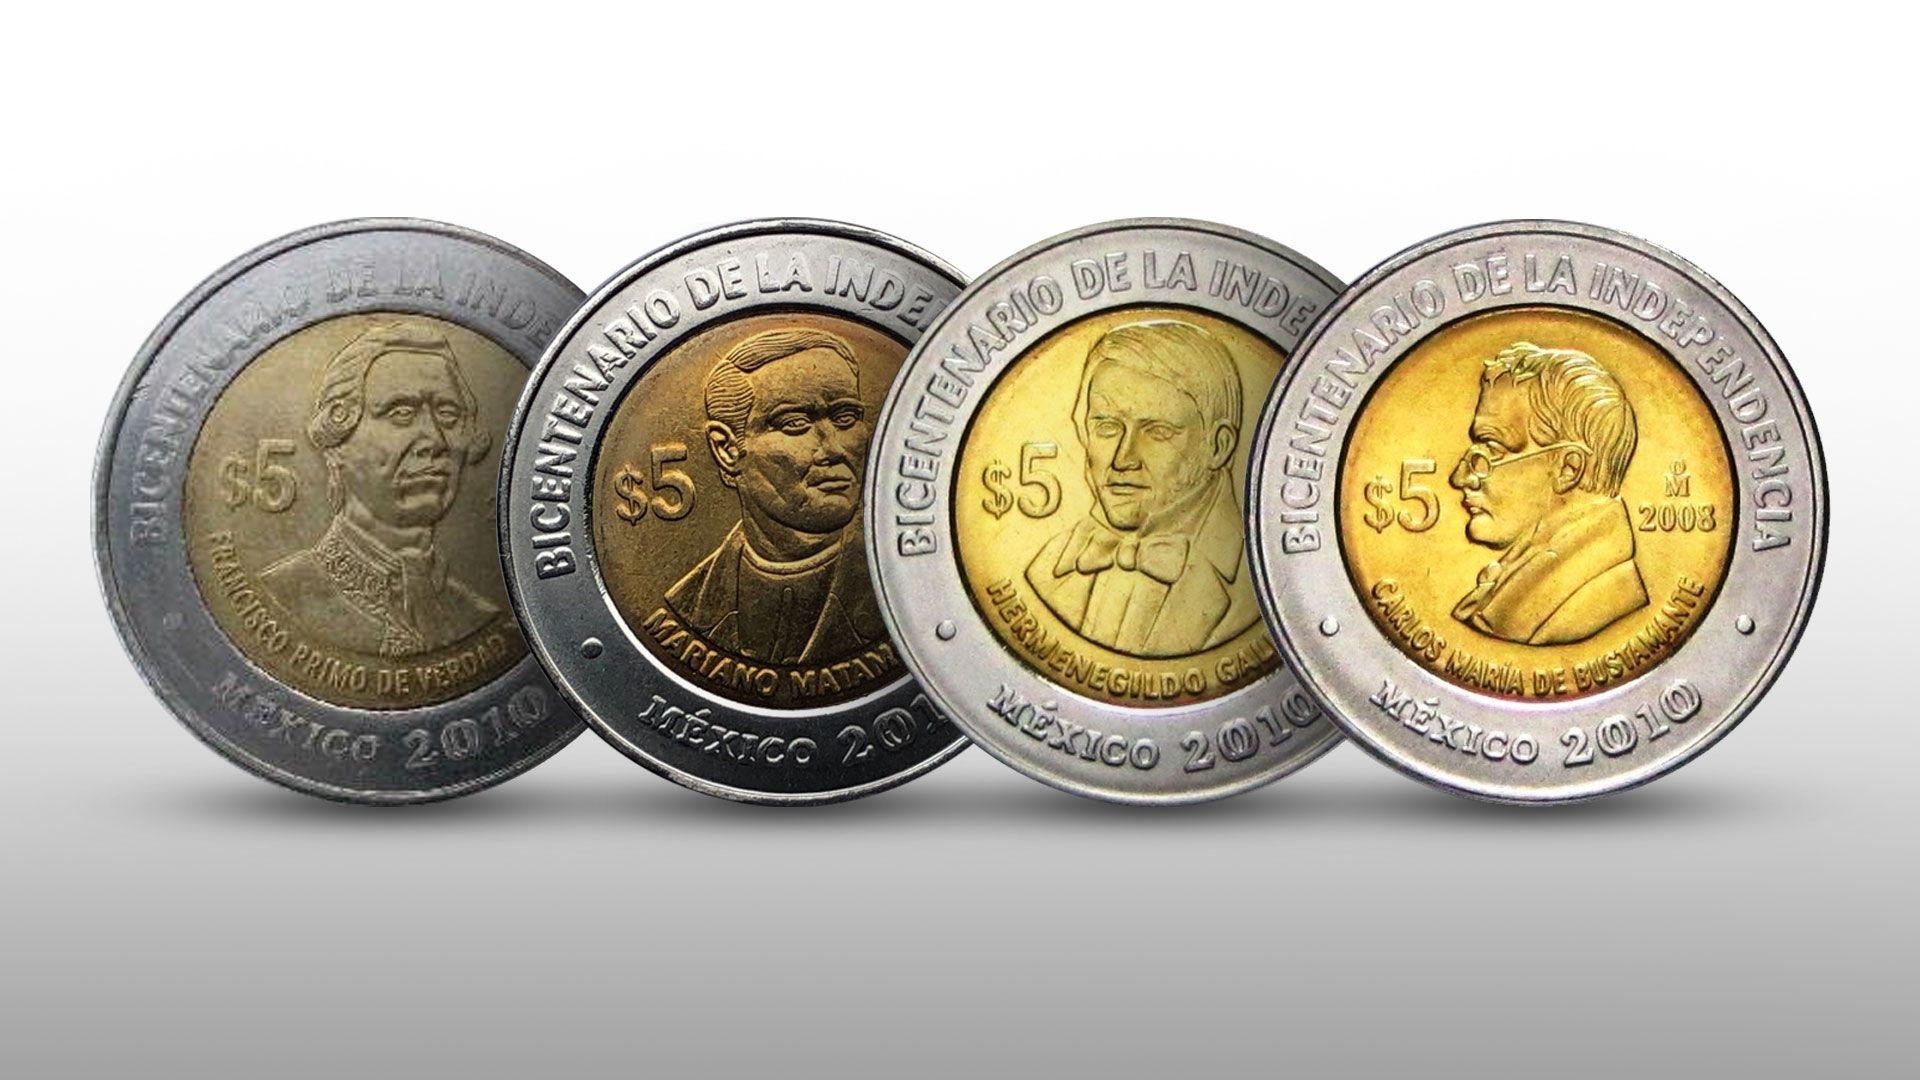 monedas 5 pesos Independencia. Infobae